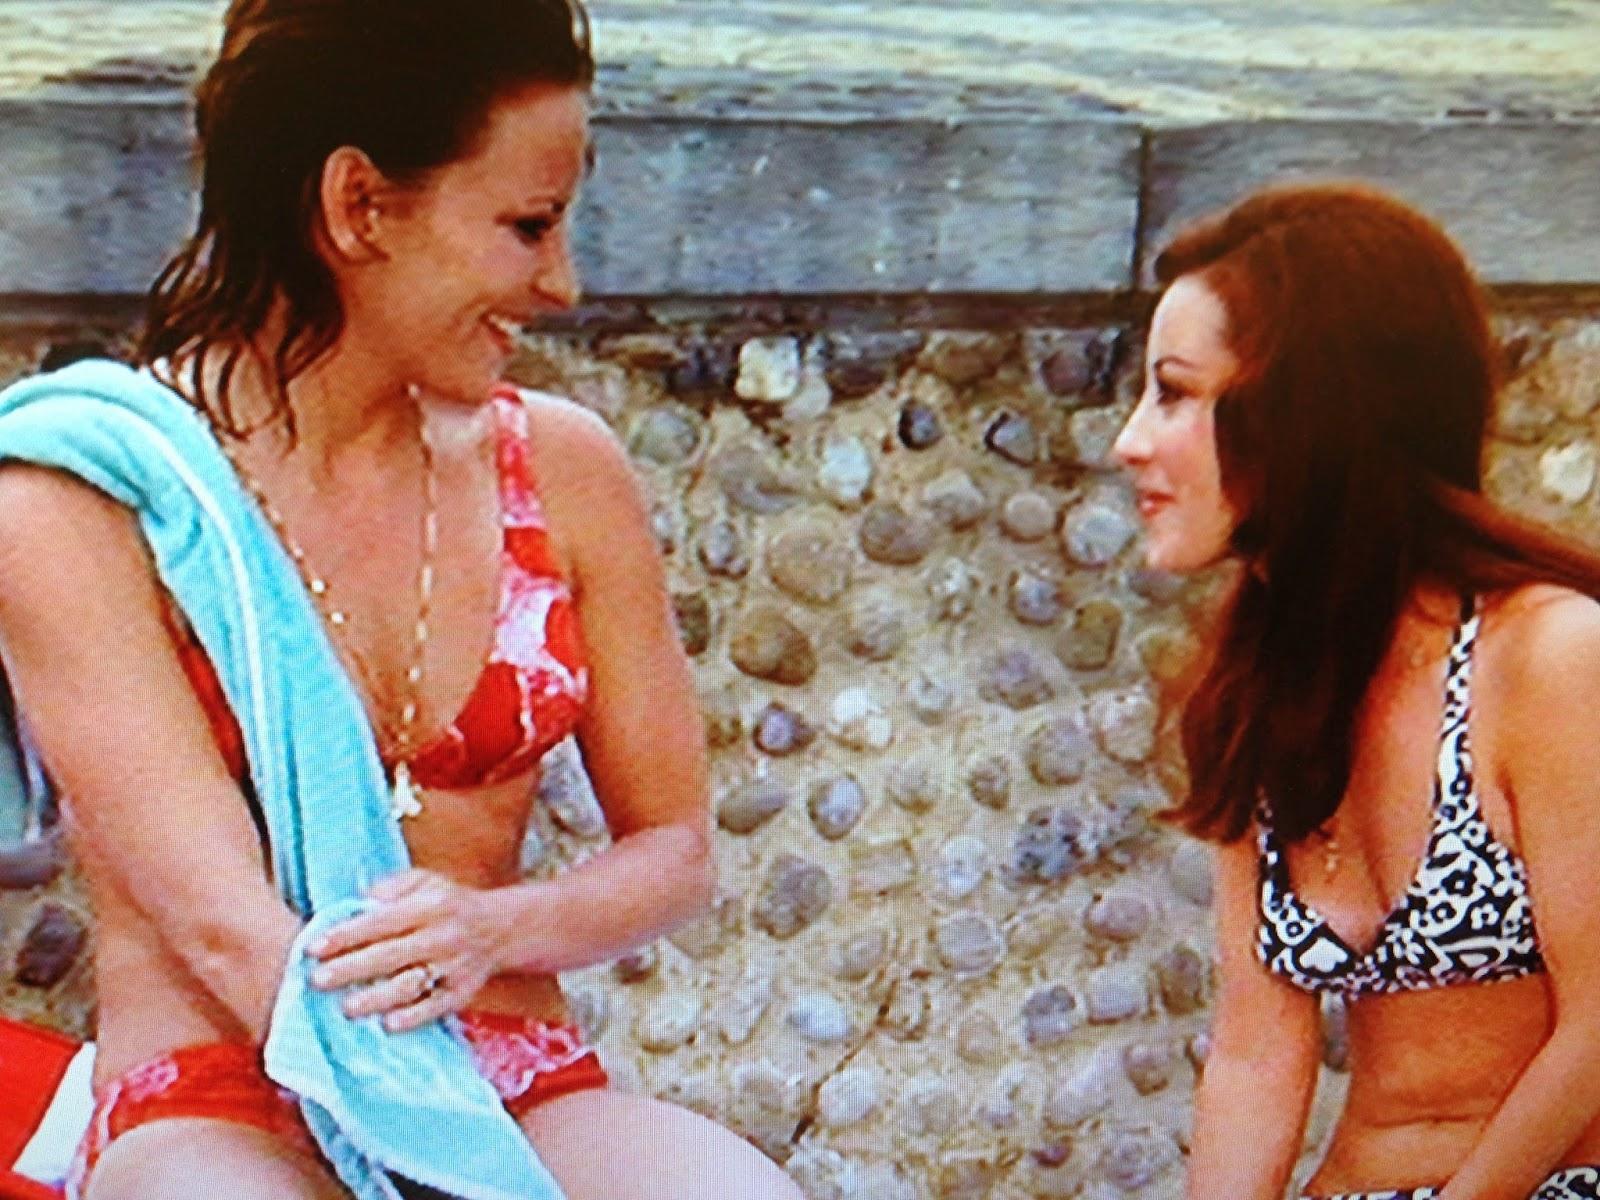 Like LL, bikini clad lesbians memories Good